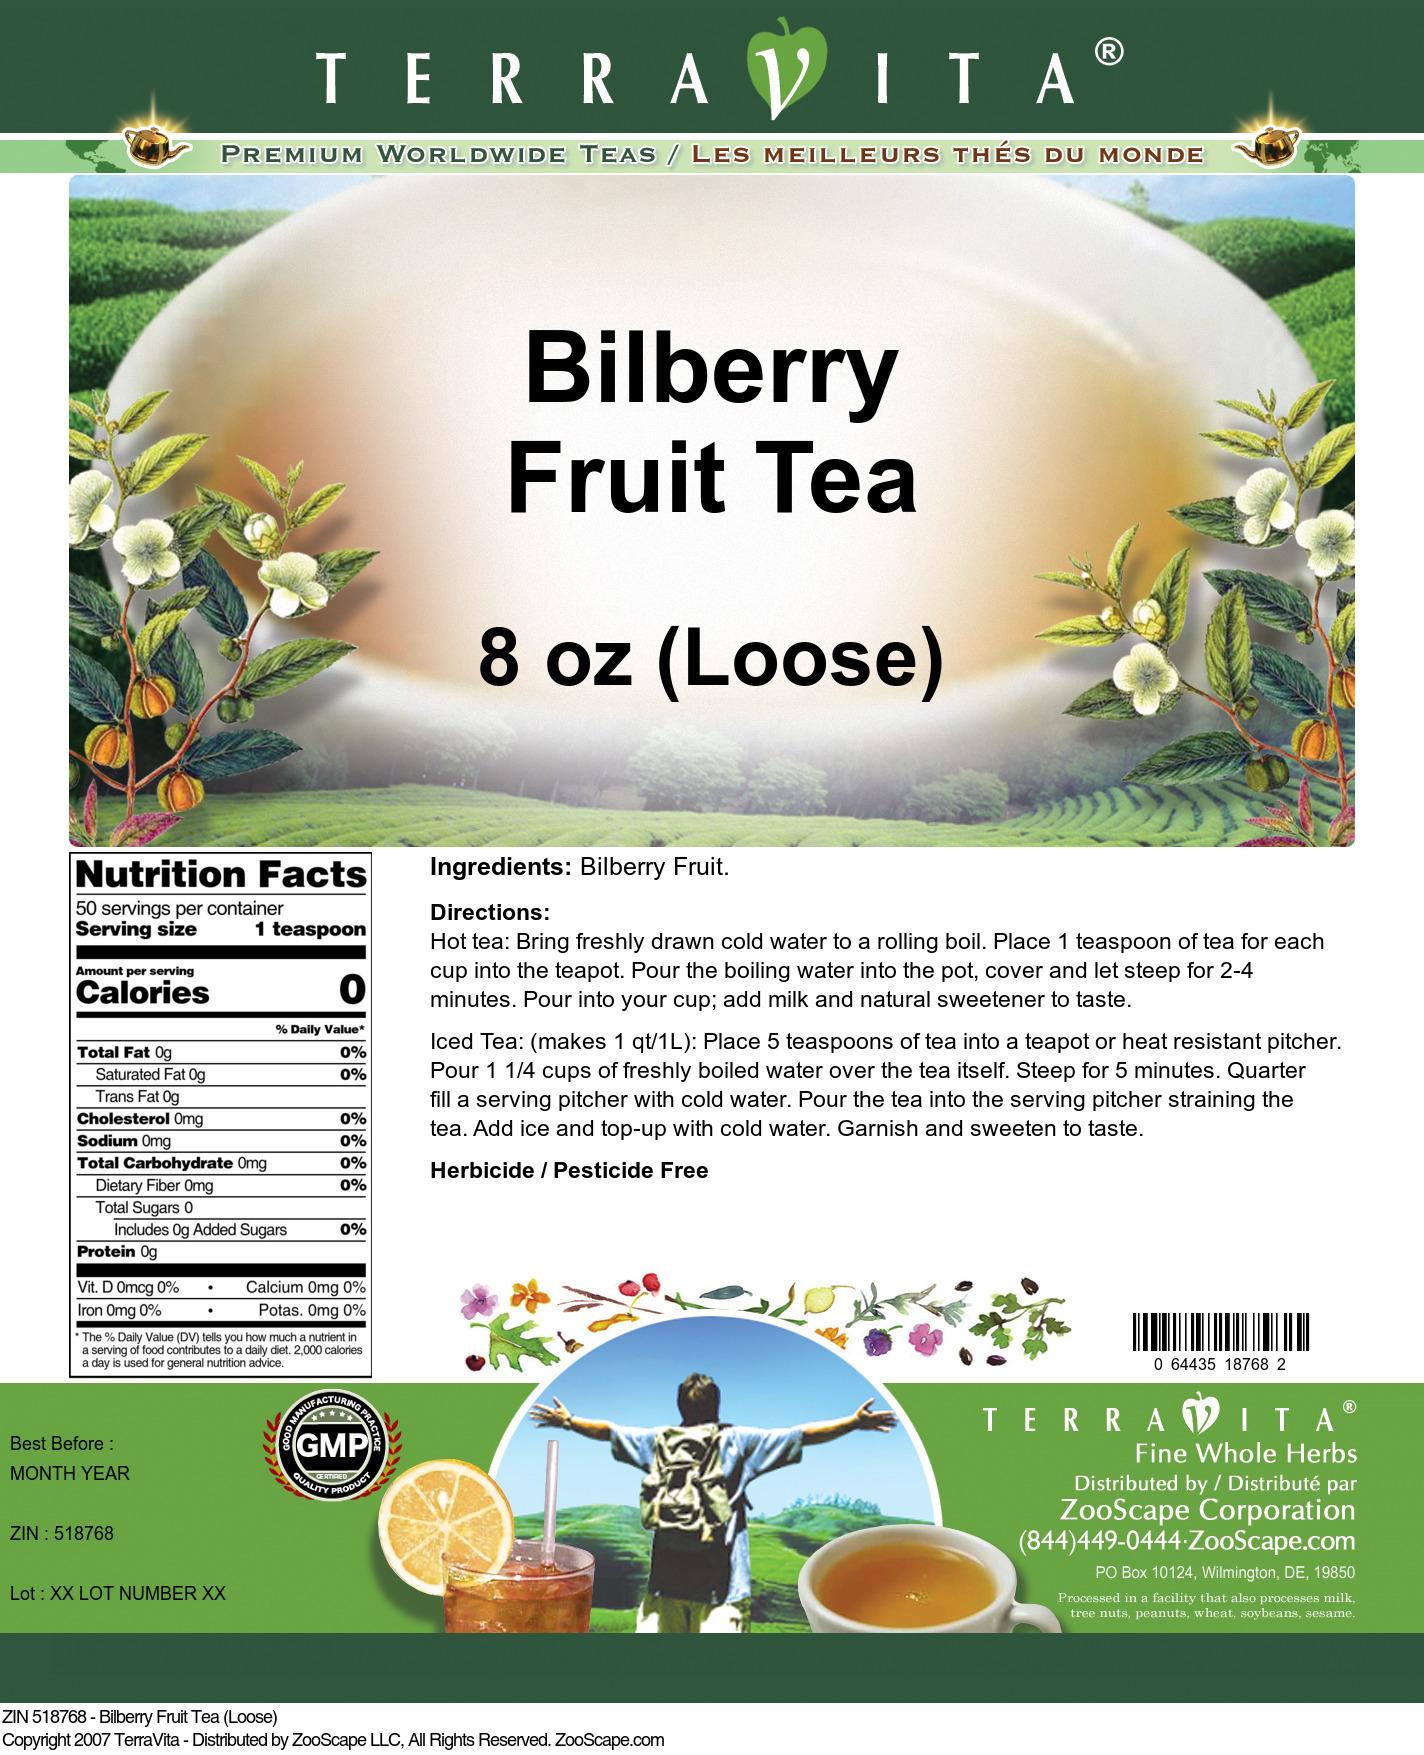 Bilberry Fruit Tea (Loose)